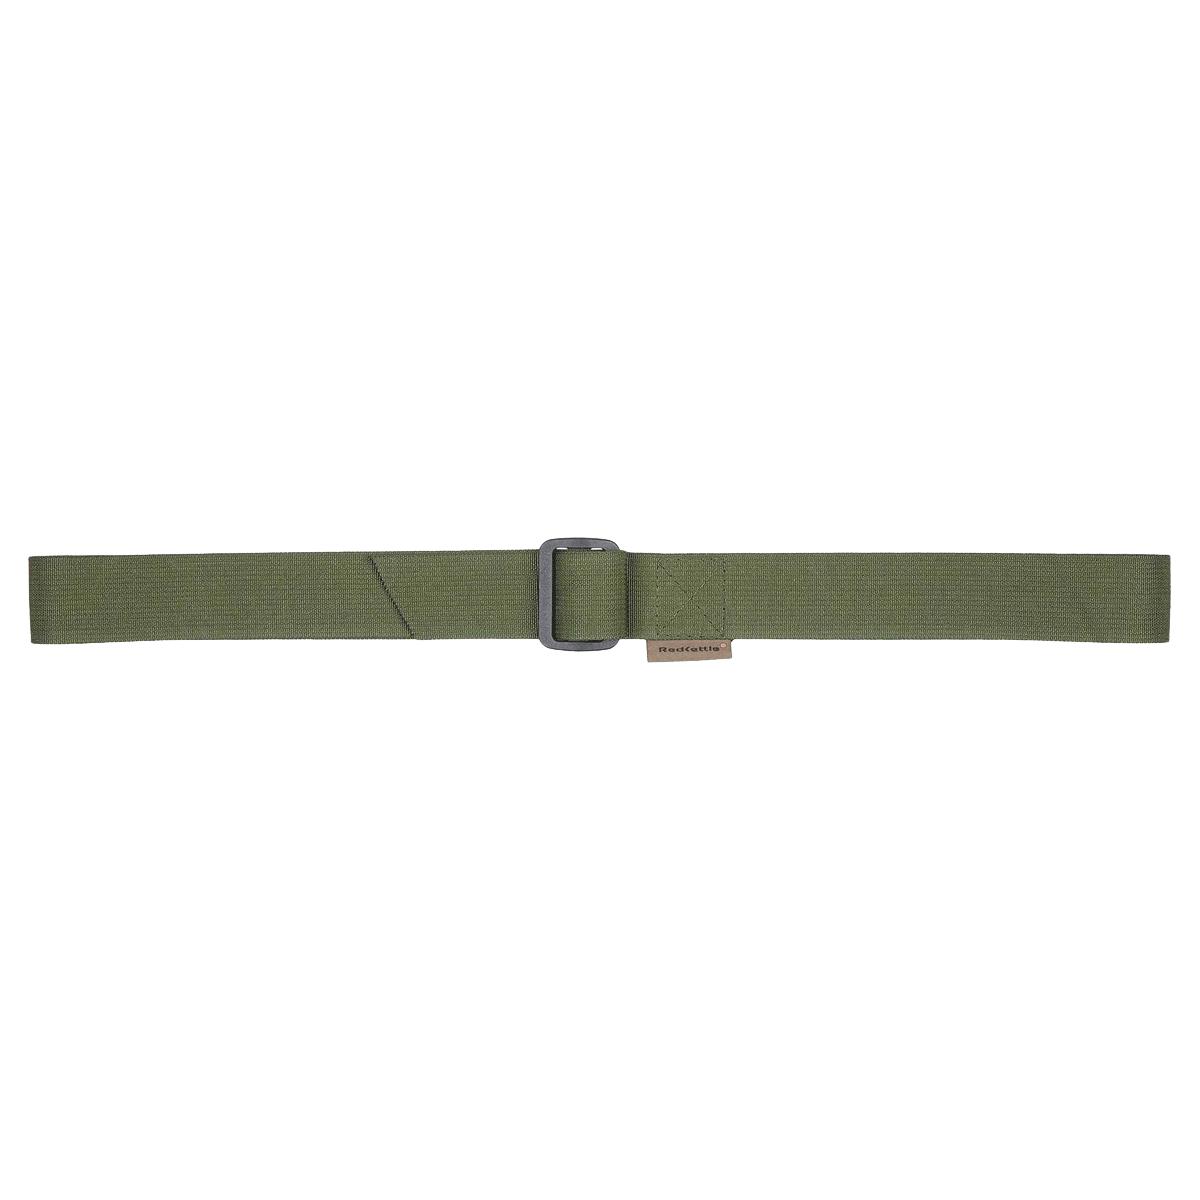 redkettle-webbing-belt-m18-1